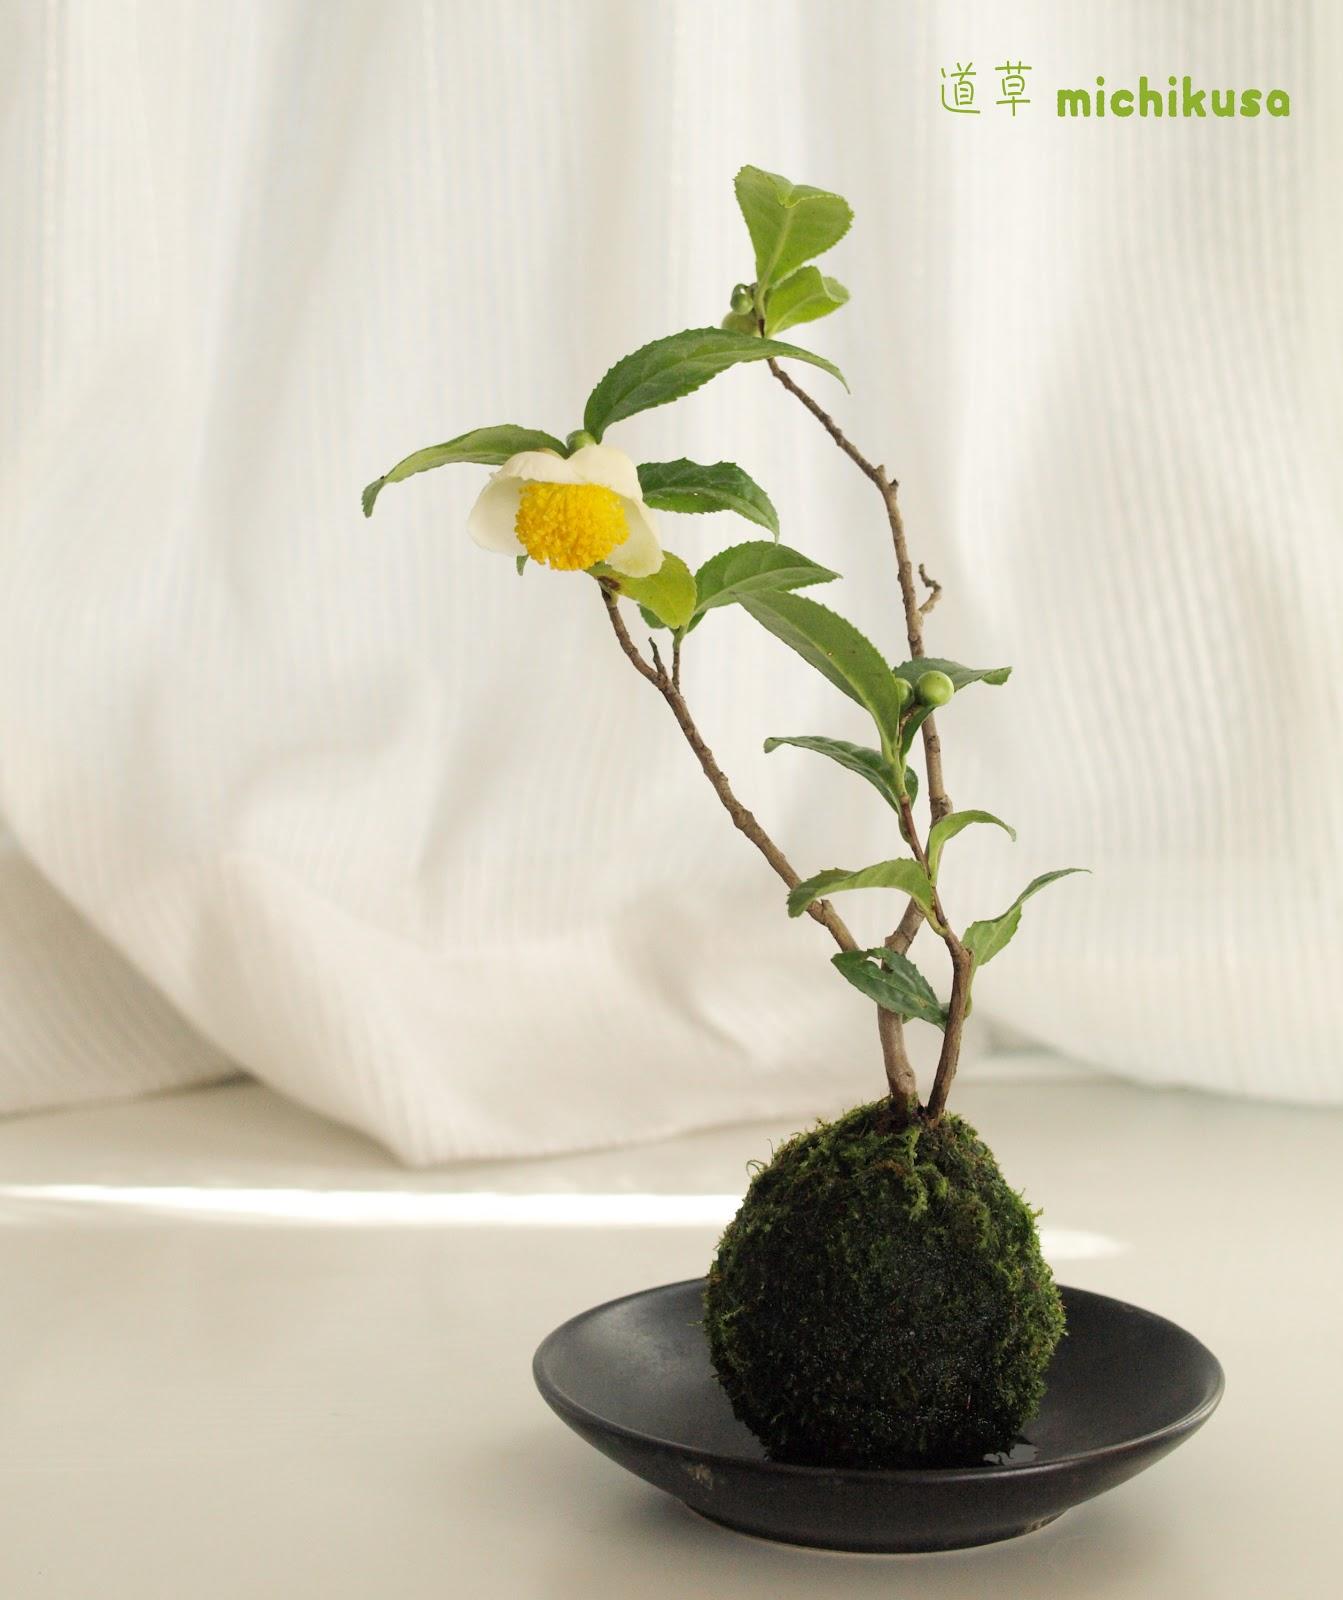 道草 michikusa blog: 茶の木 苔玉